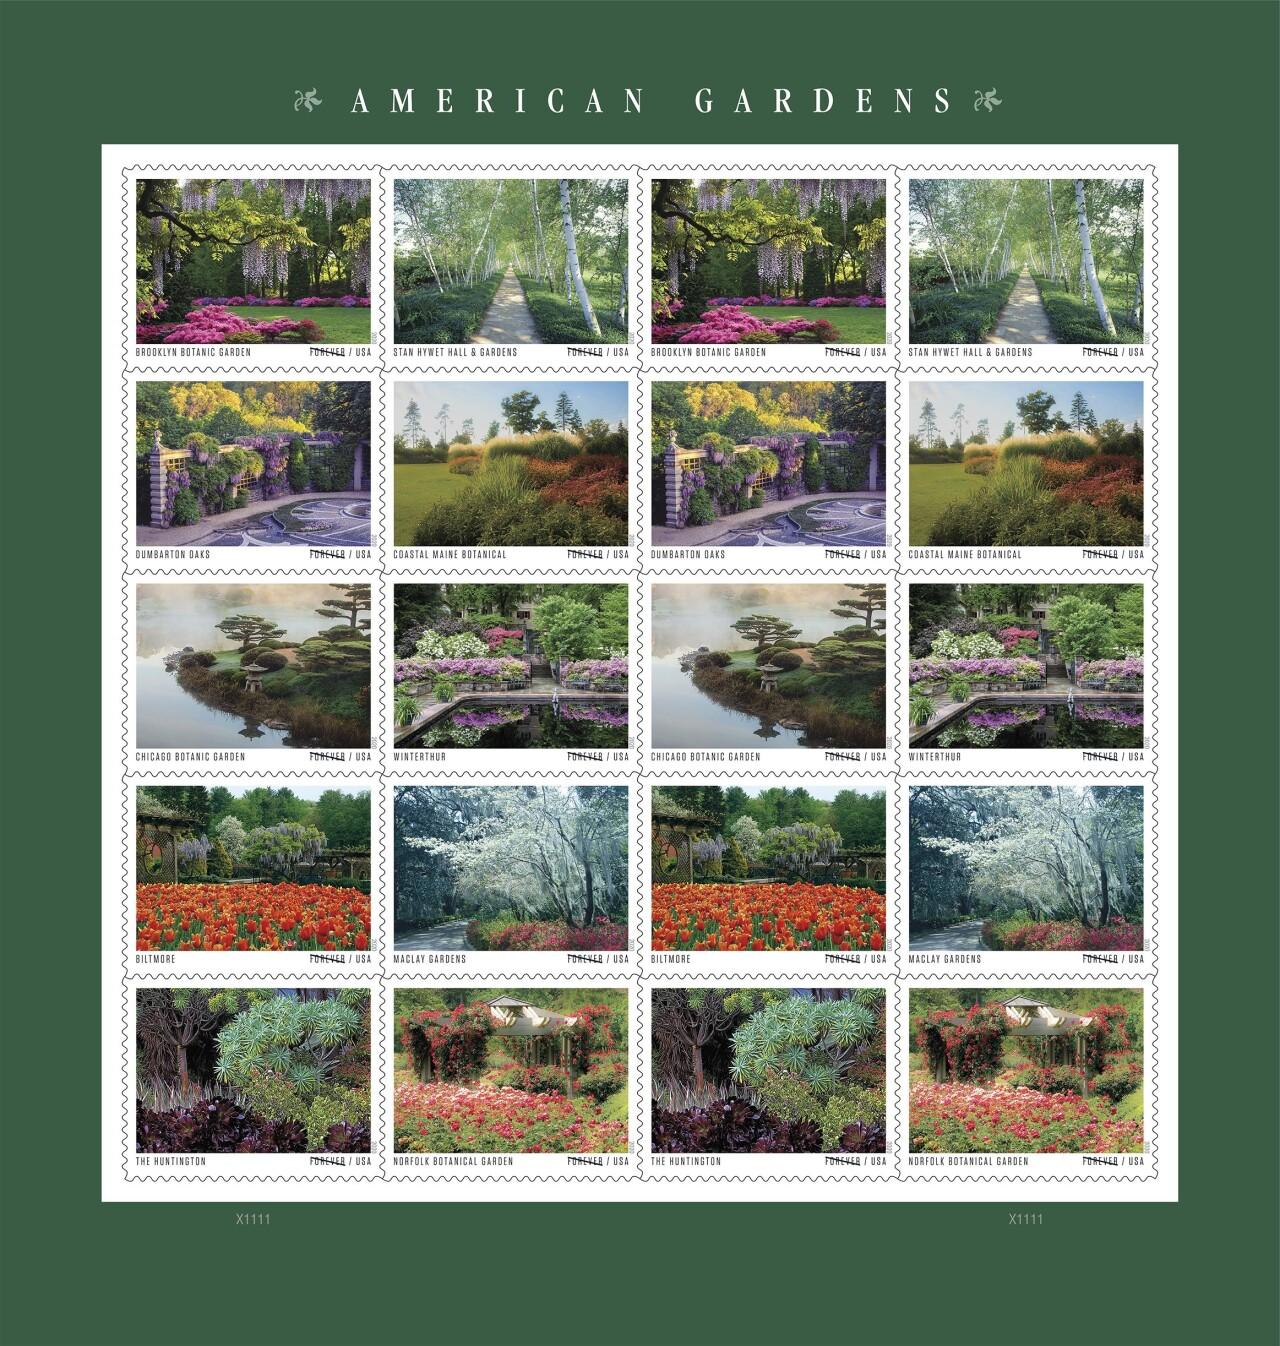 American-Gardens-Sheet-Large (1).jpg